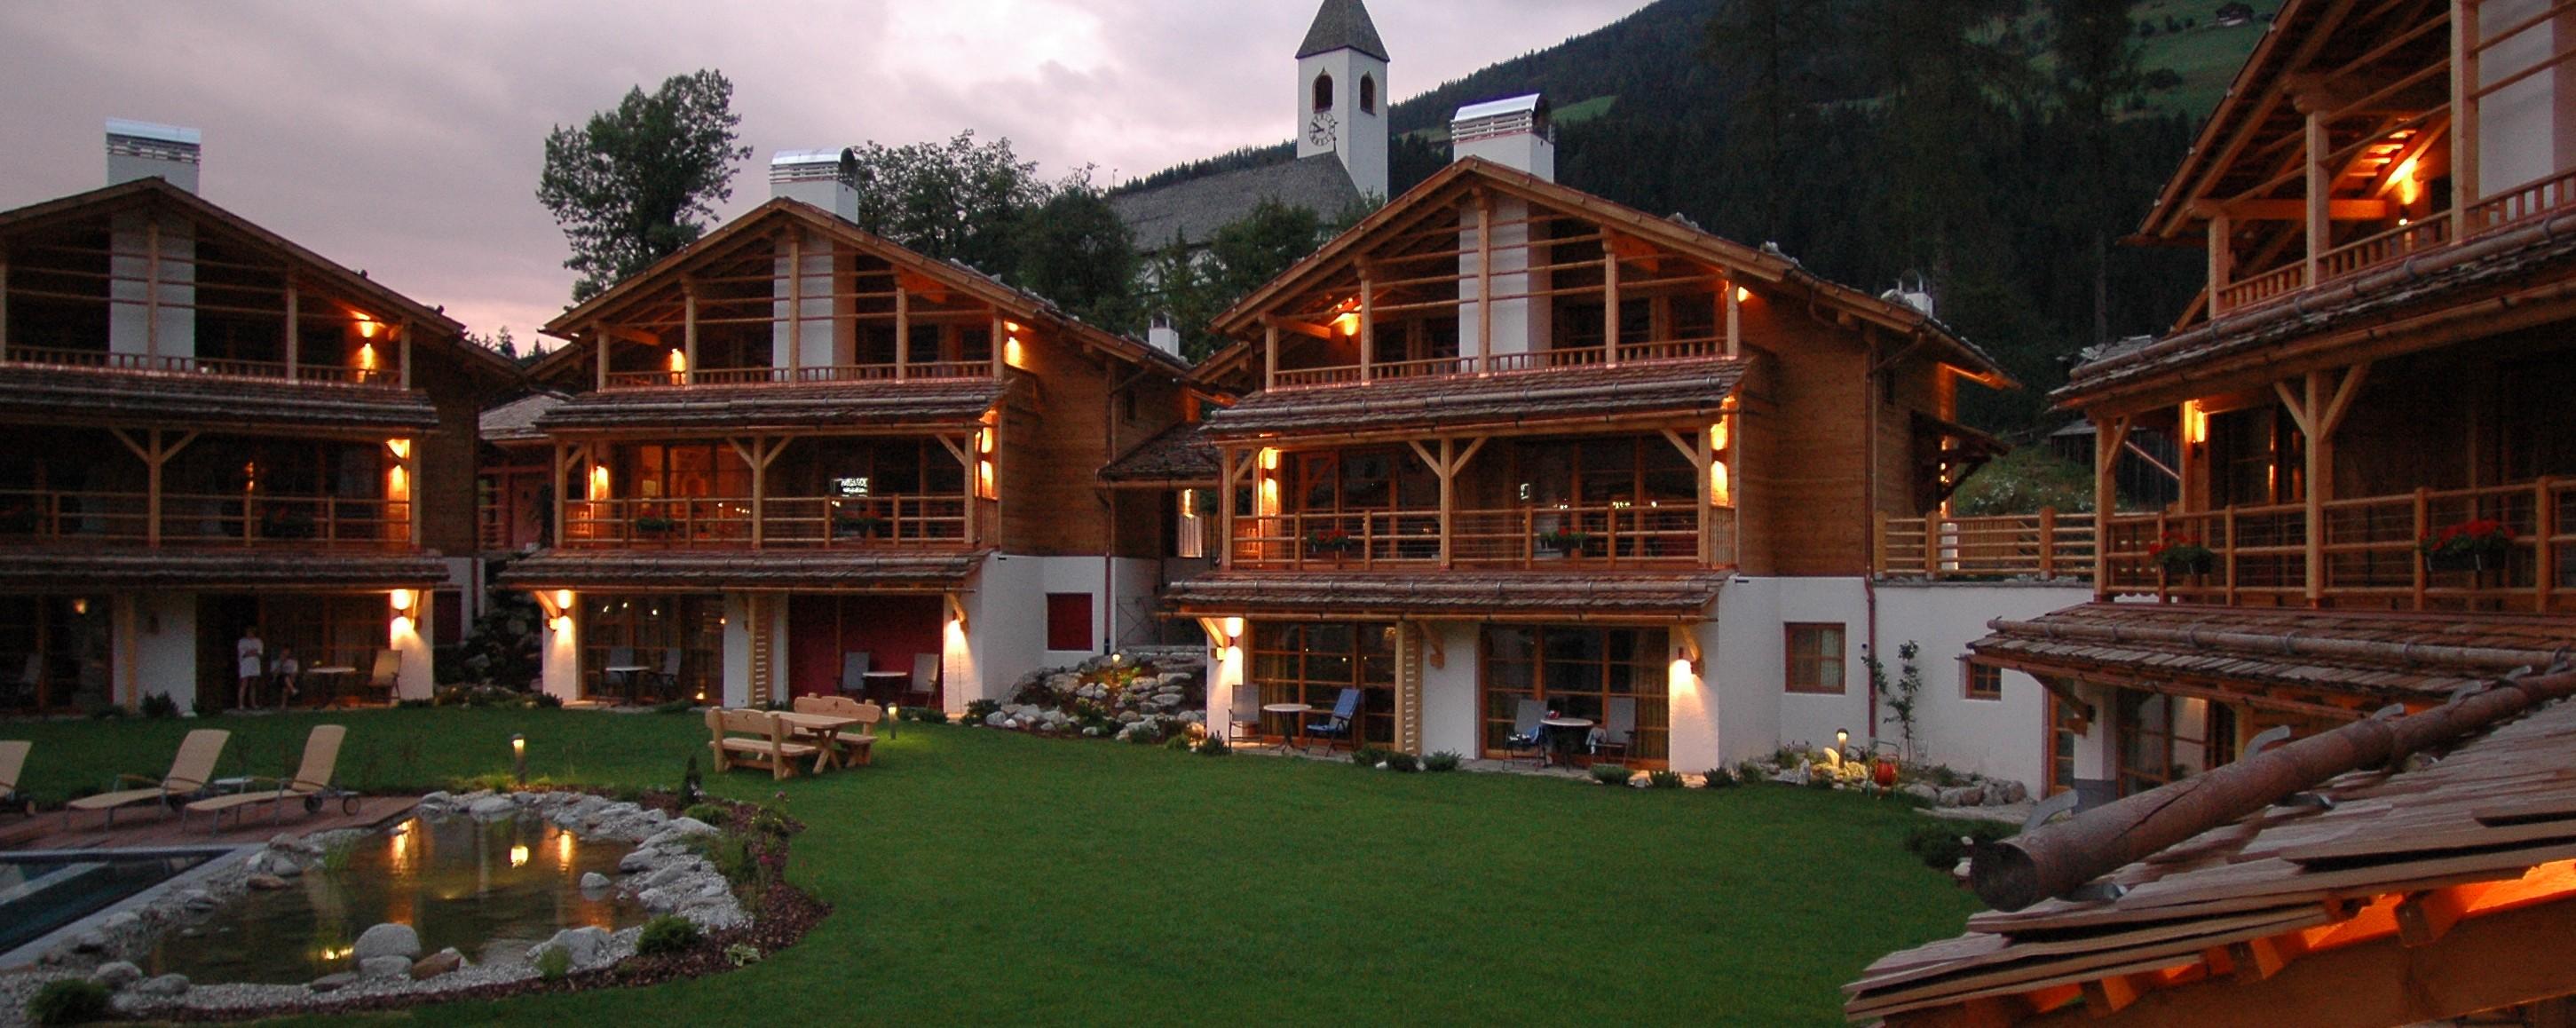 Post Alpina Dolce Vita Family Chalet – Vierschach